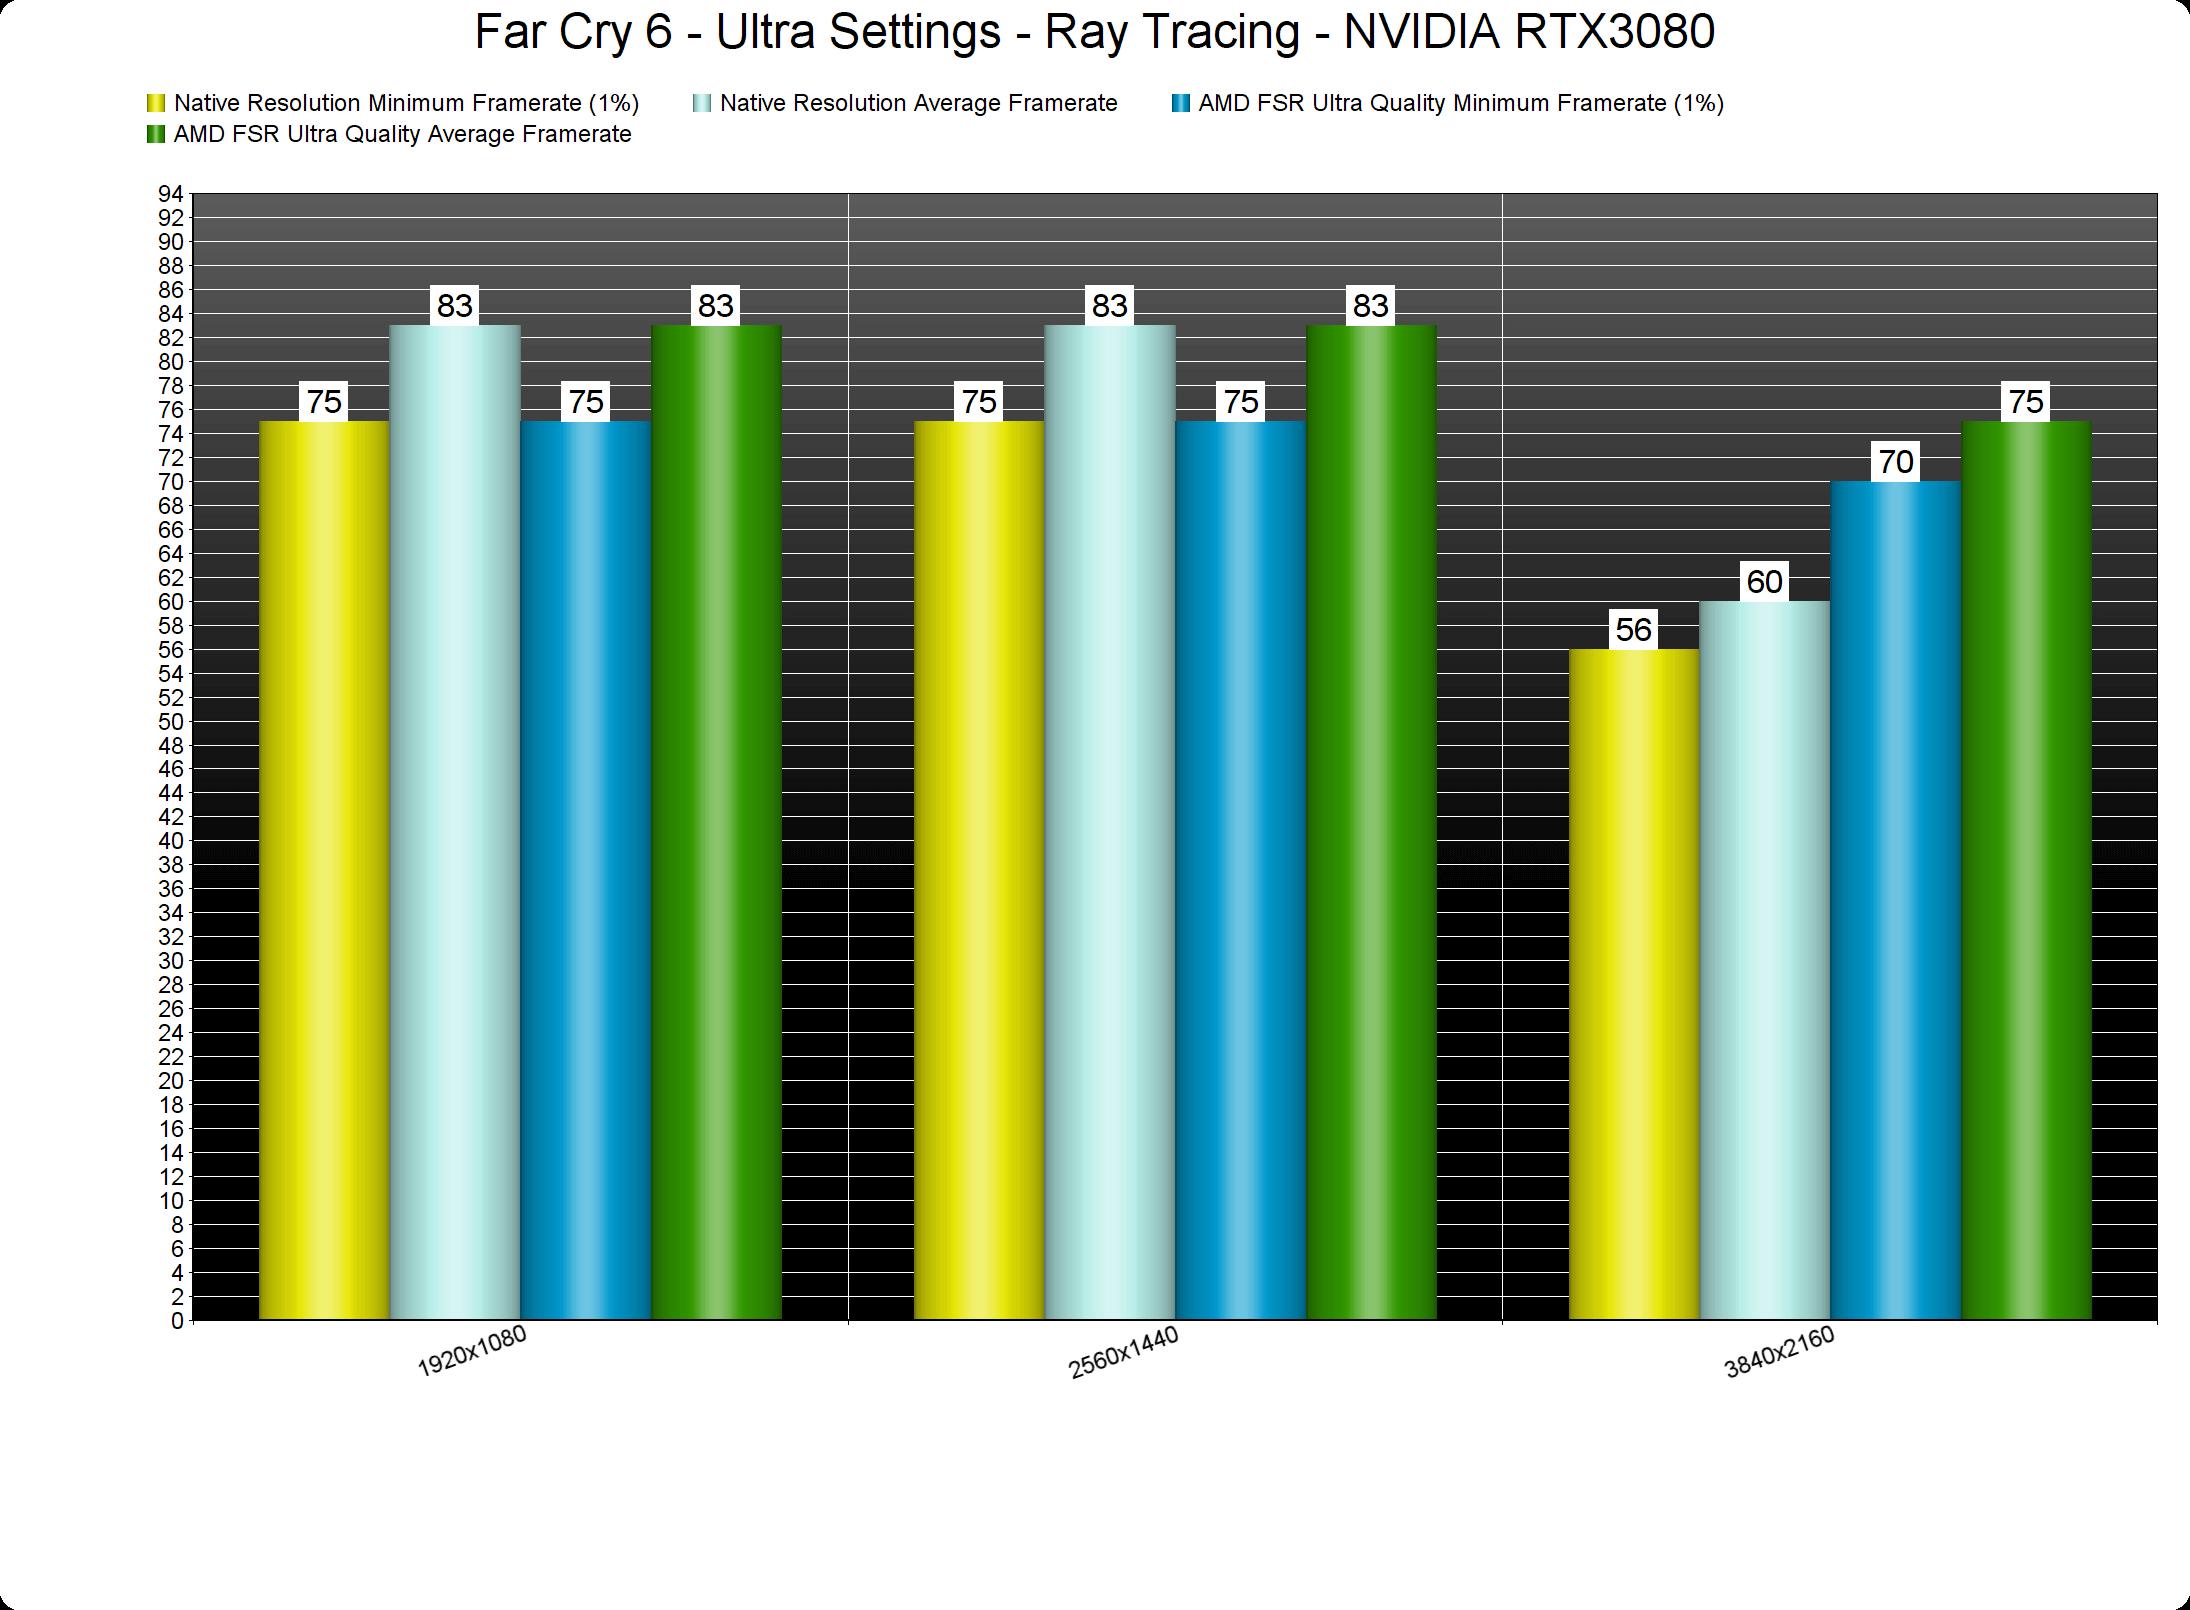 Far Cry 6 AMD FSR benchmarks-1